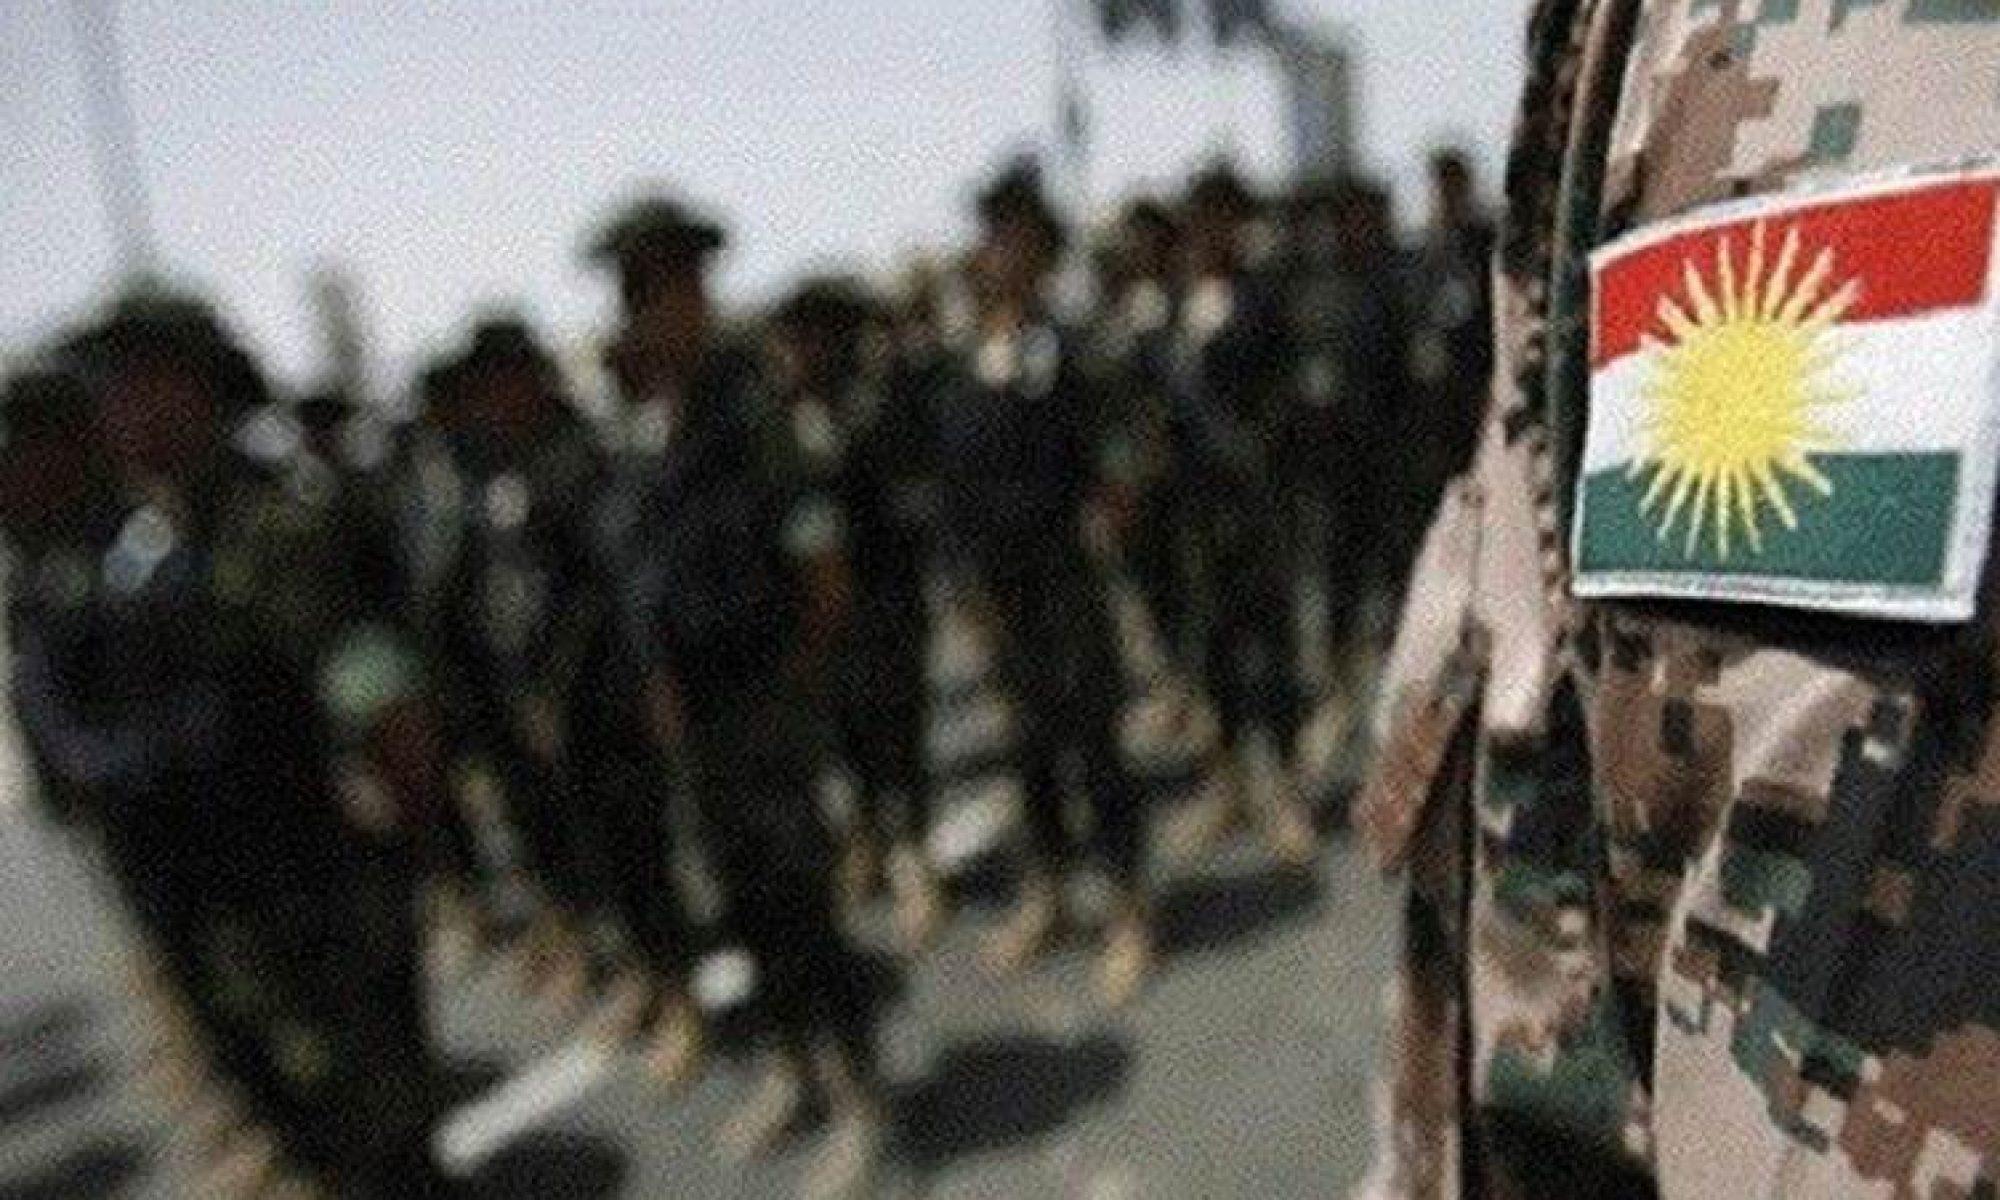 Derin Peşmergeler sorumlusu Mele Xıdır: Pencewin'de peşmergeyi şehit edilmesinde PKK/PJAK güçleri var